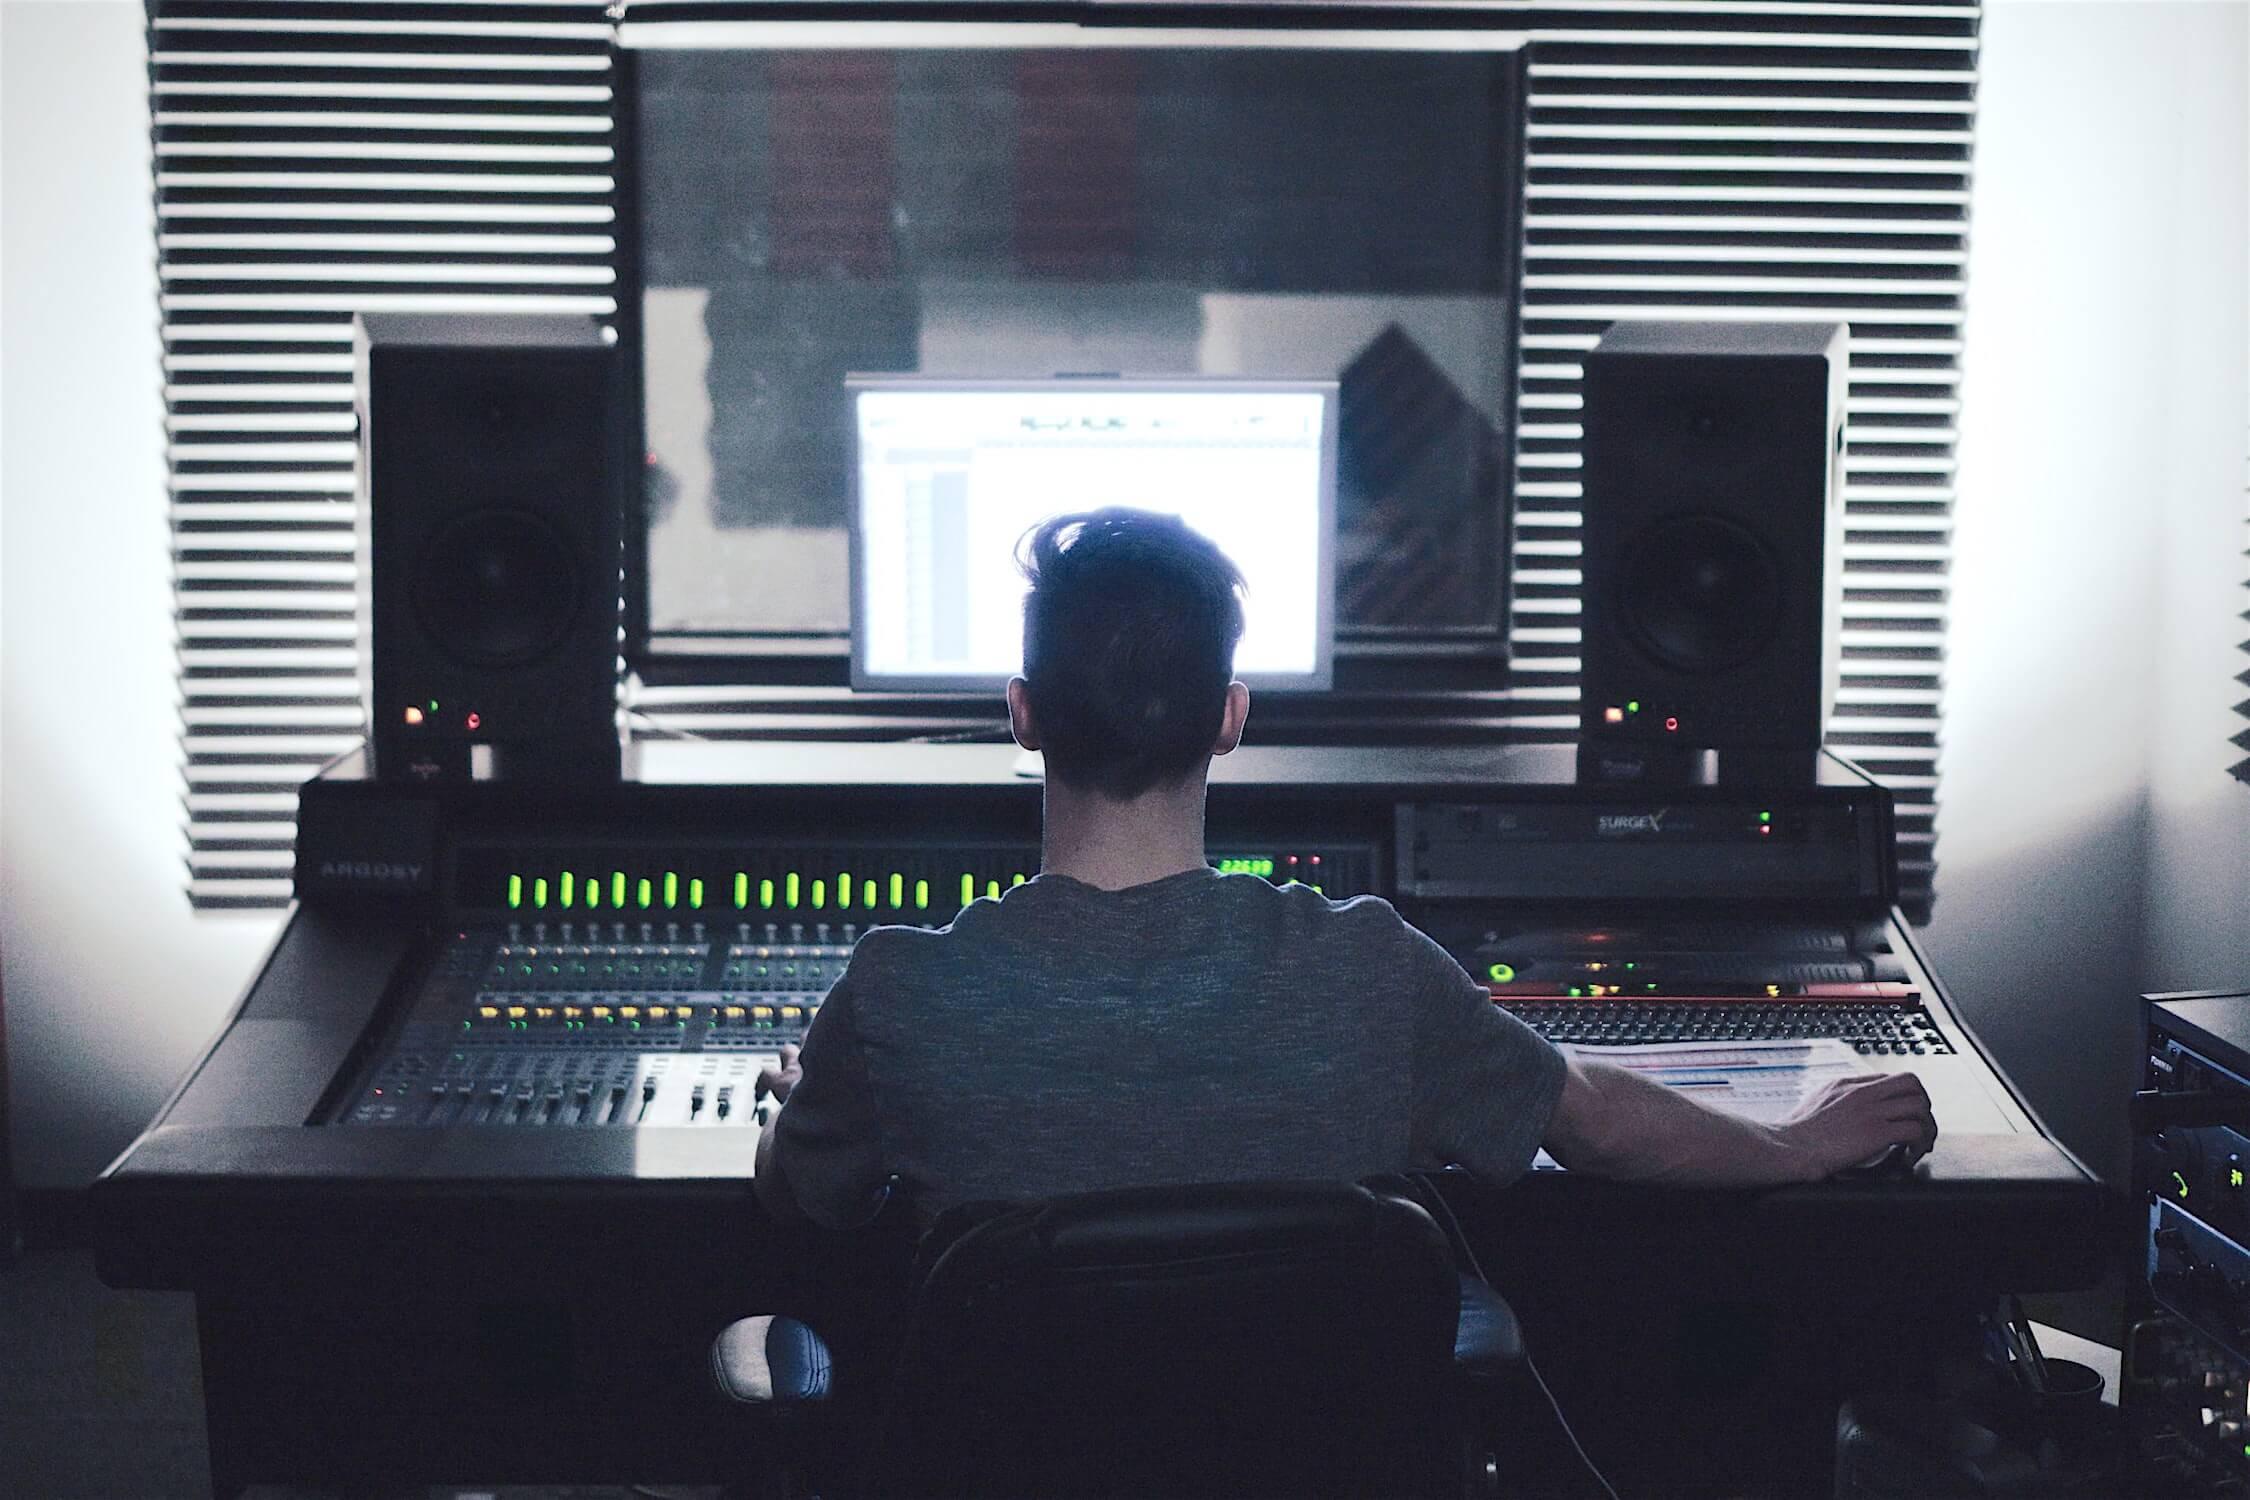 Как ПК завоевал медиаиндустрию с помощью успешного ПО: обсуждаем Pro Tools и Media Composer